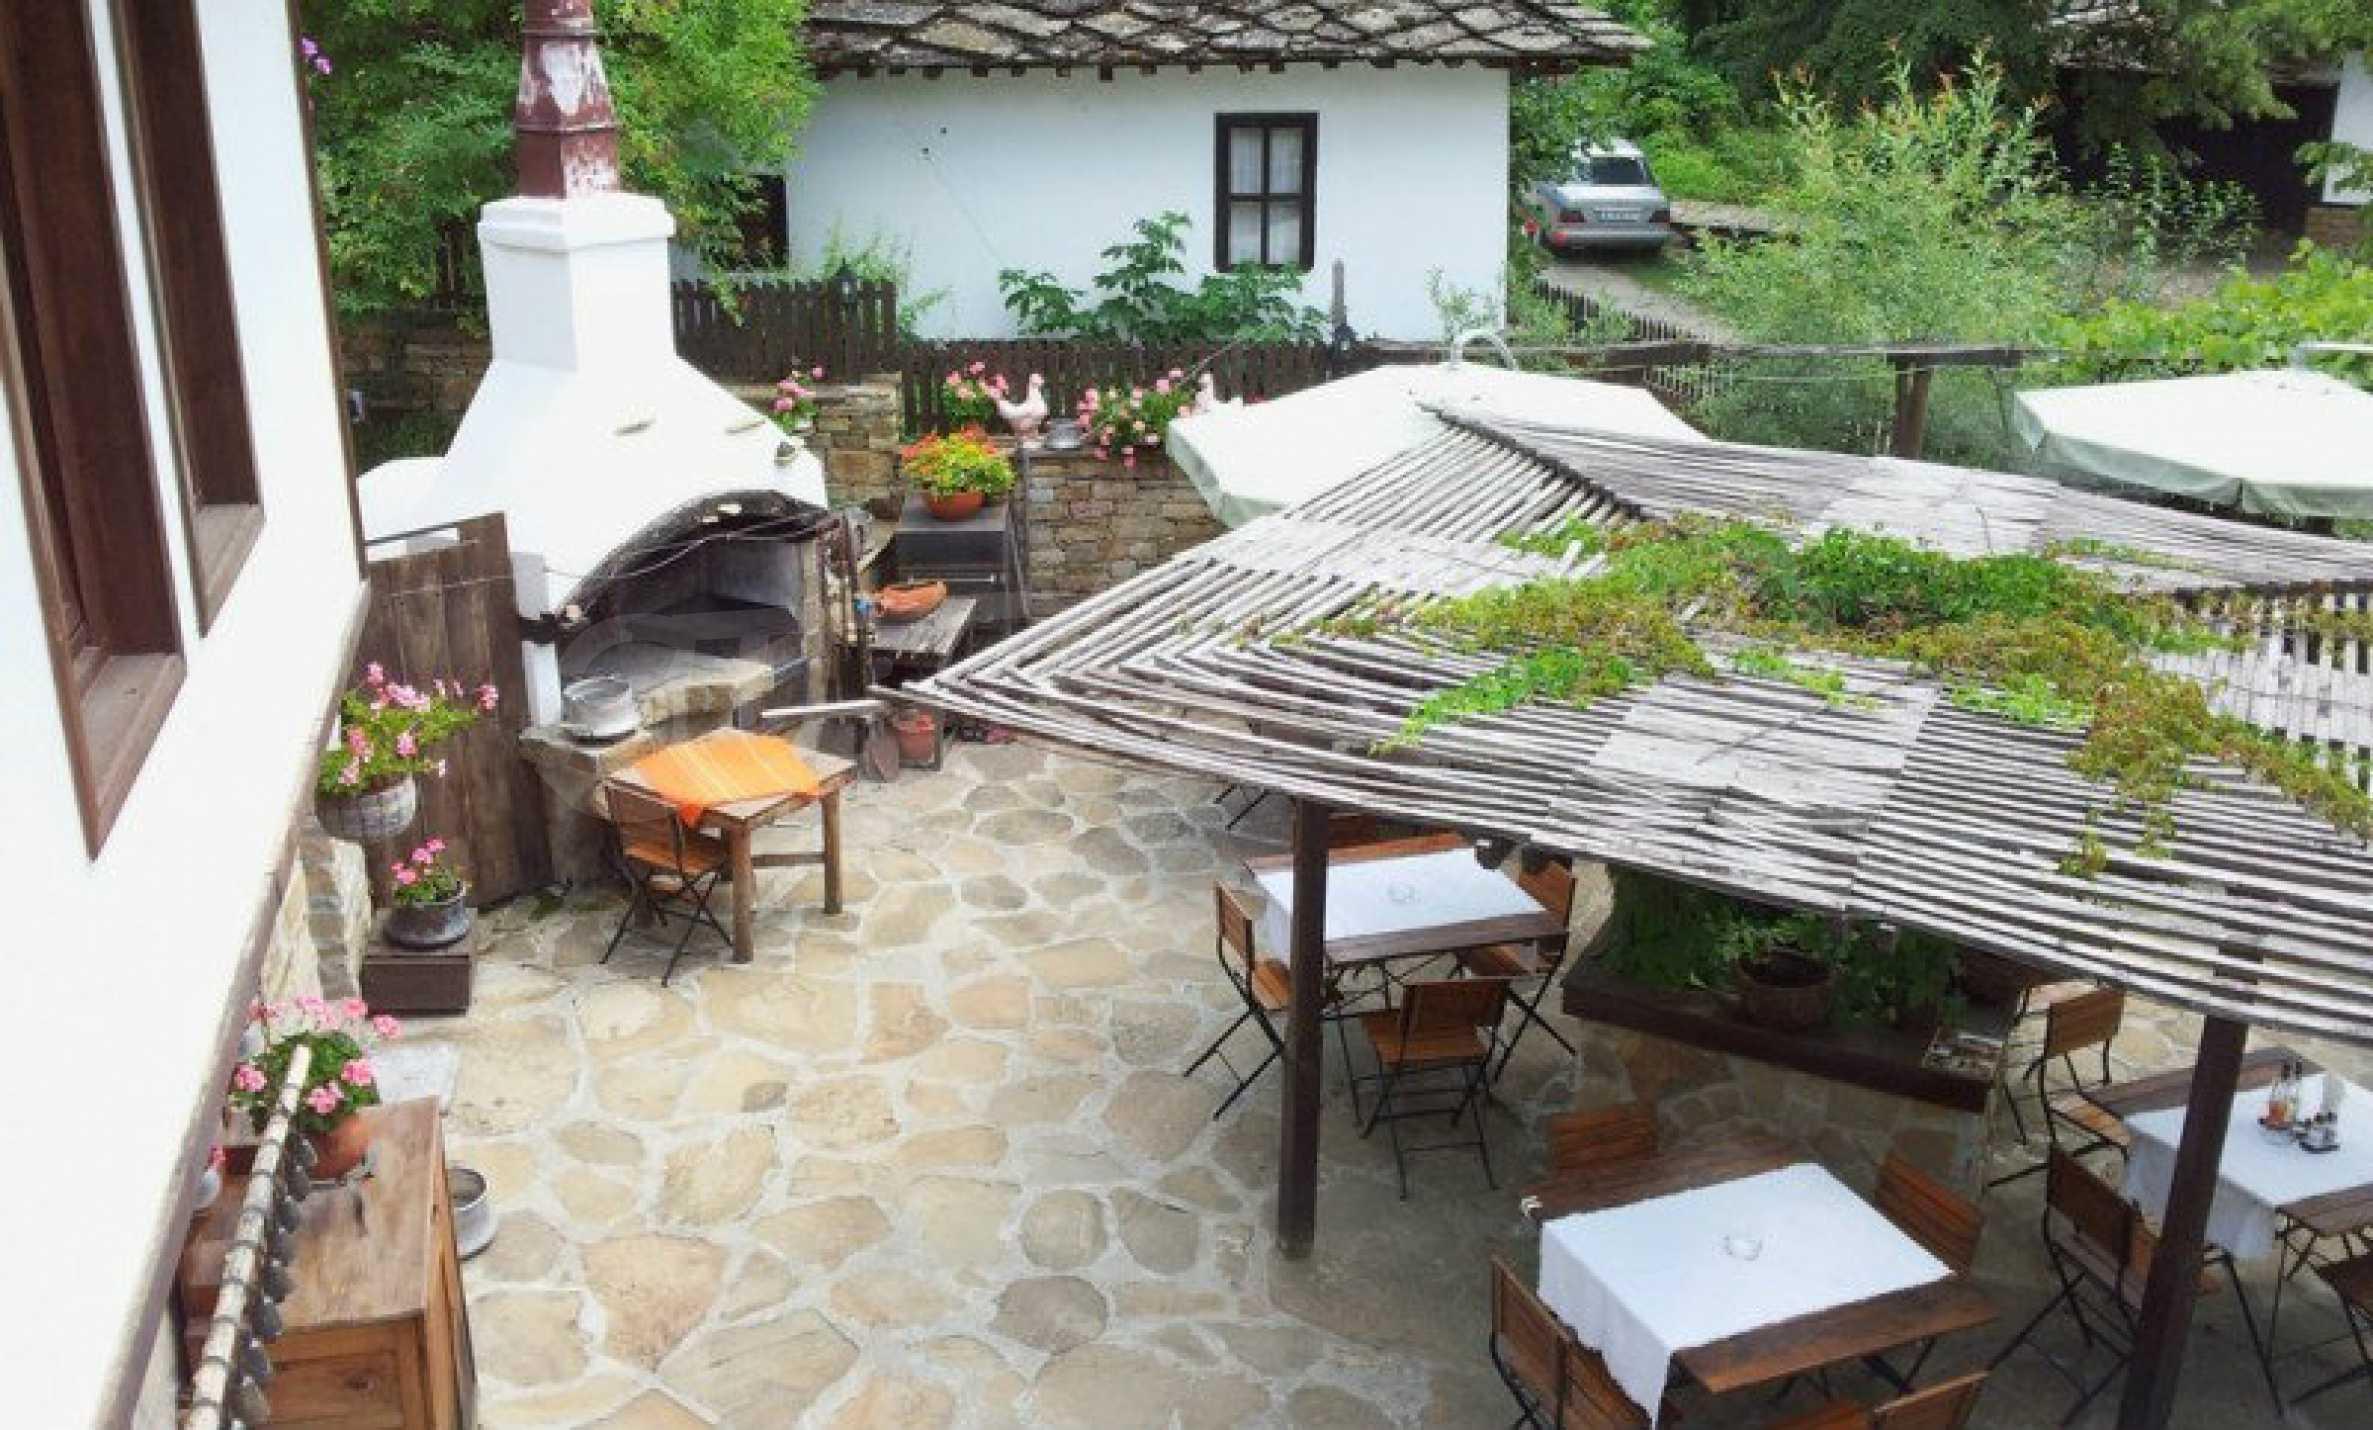 Уникaльный дом с ресторанчиком в деревне Боженци 3